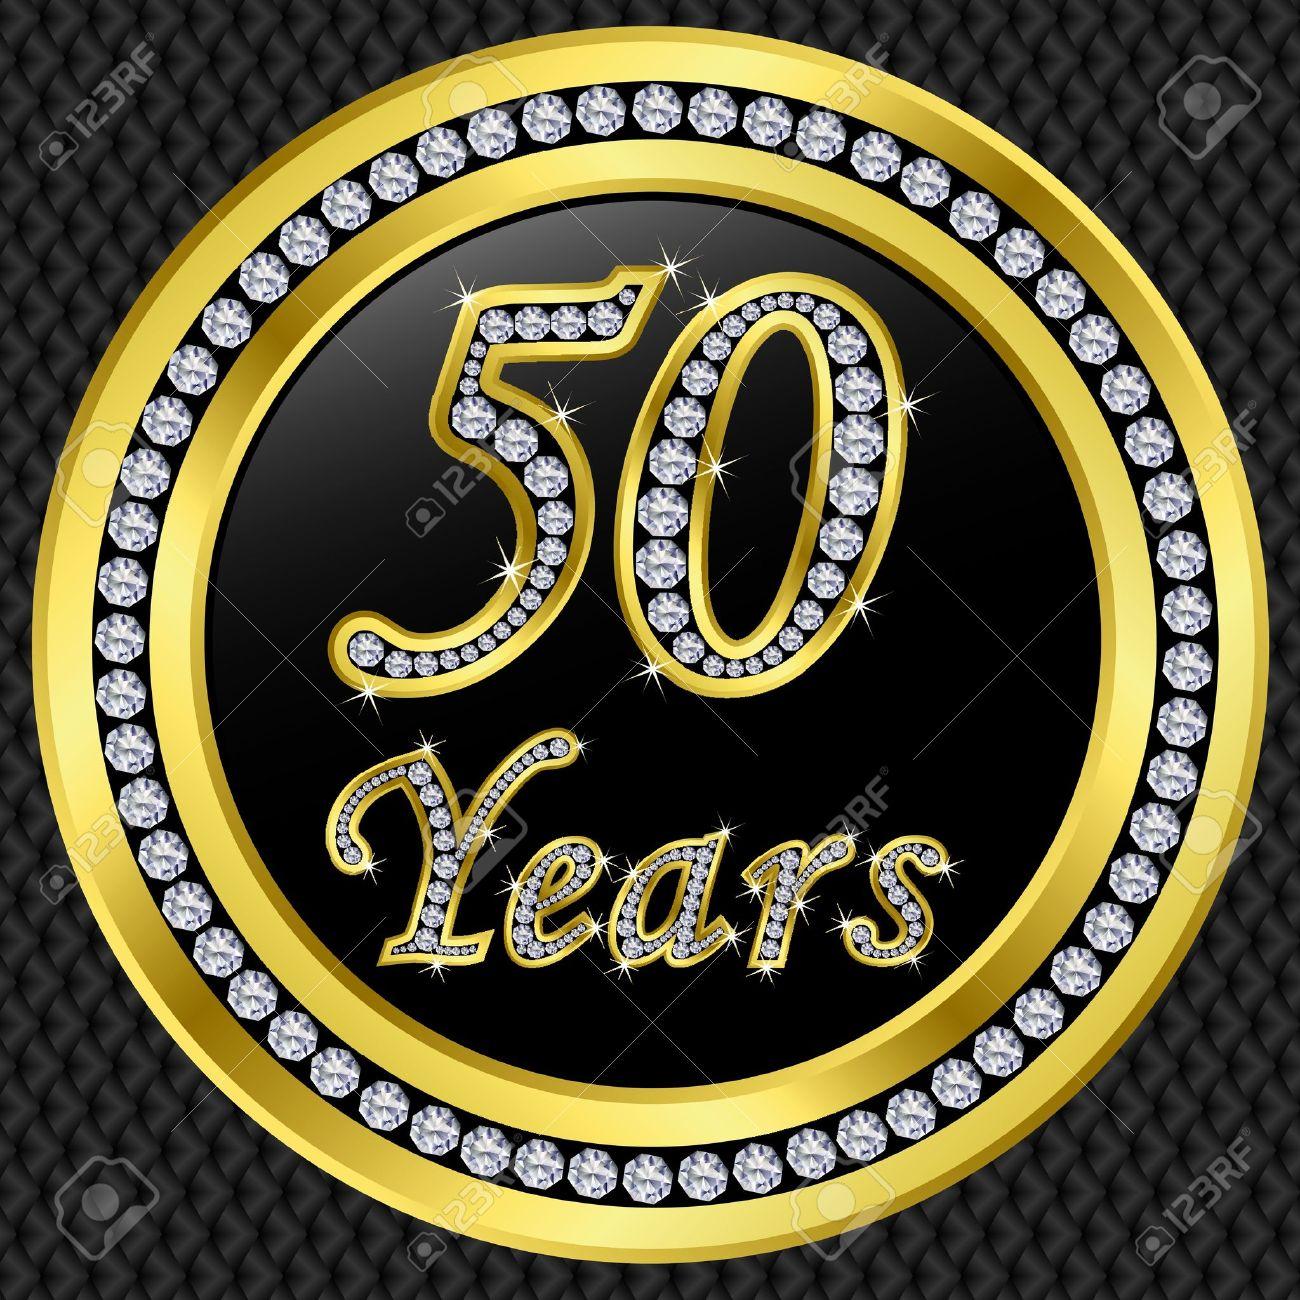 50 años bodas de oro icono de feliz cumpleaños con diamantes, ilustración vectorial Foto de